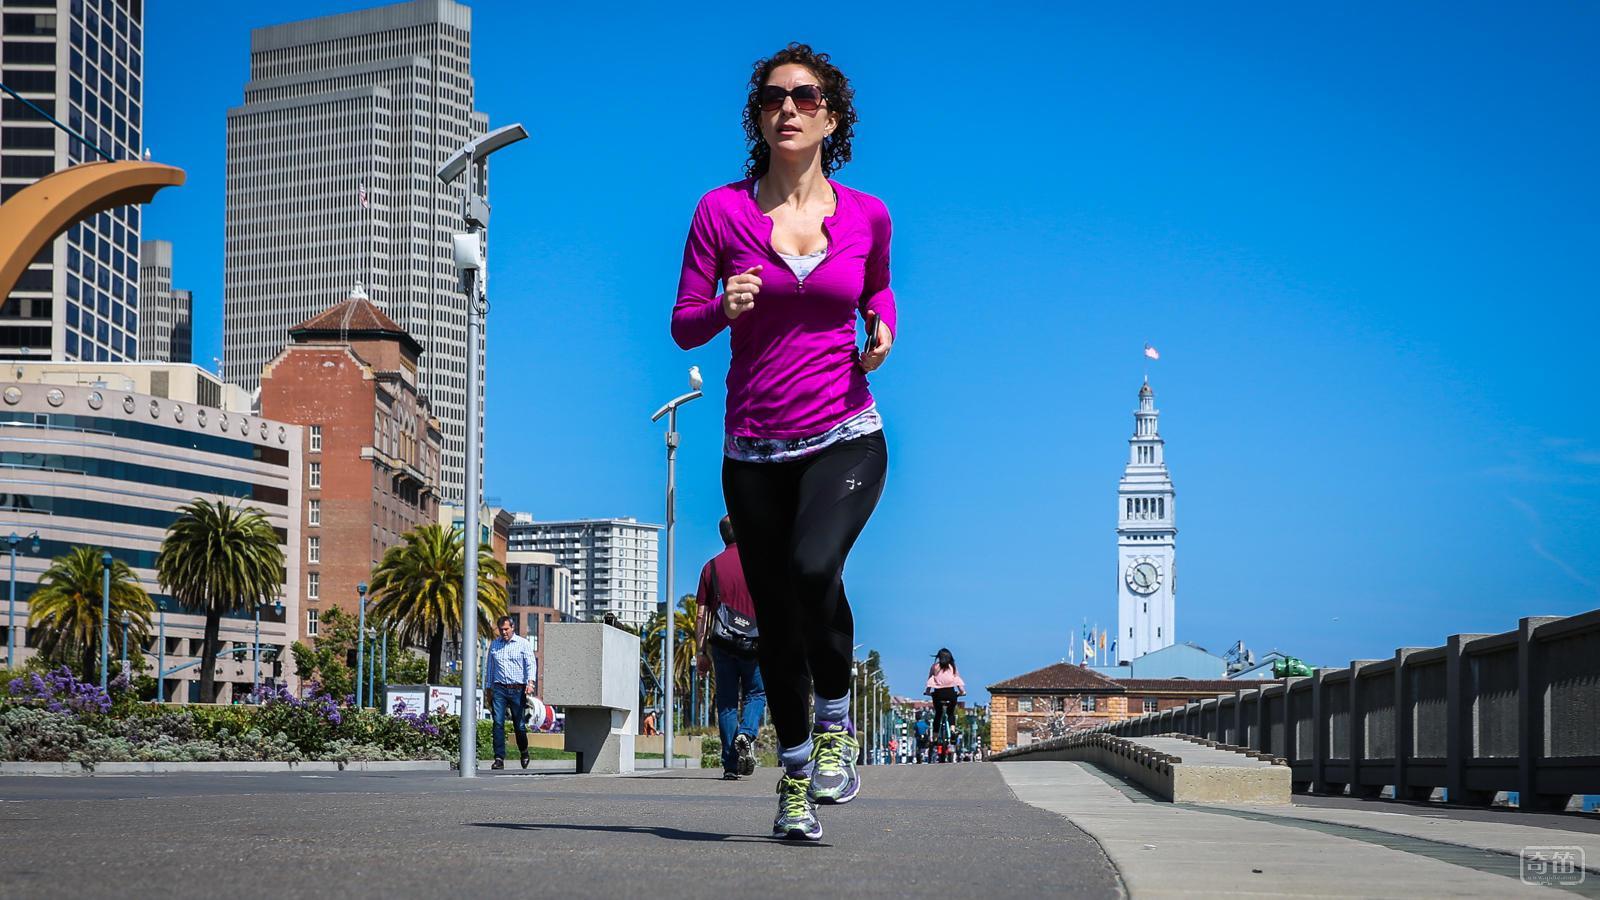 千里之行始于足下-Sensoria健身智能袜评测